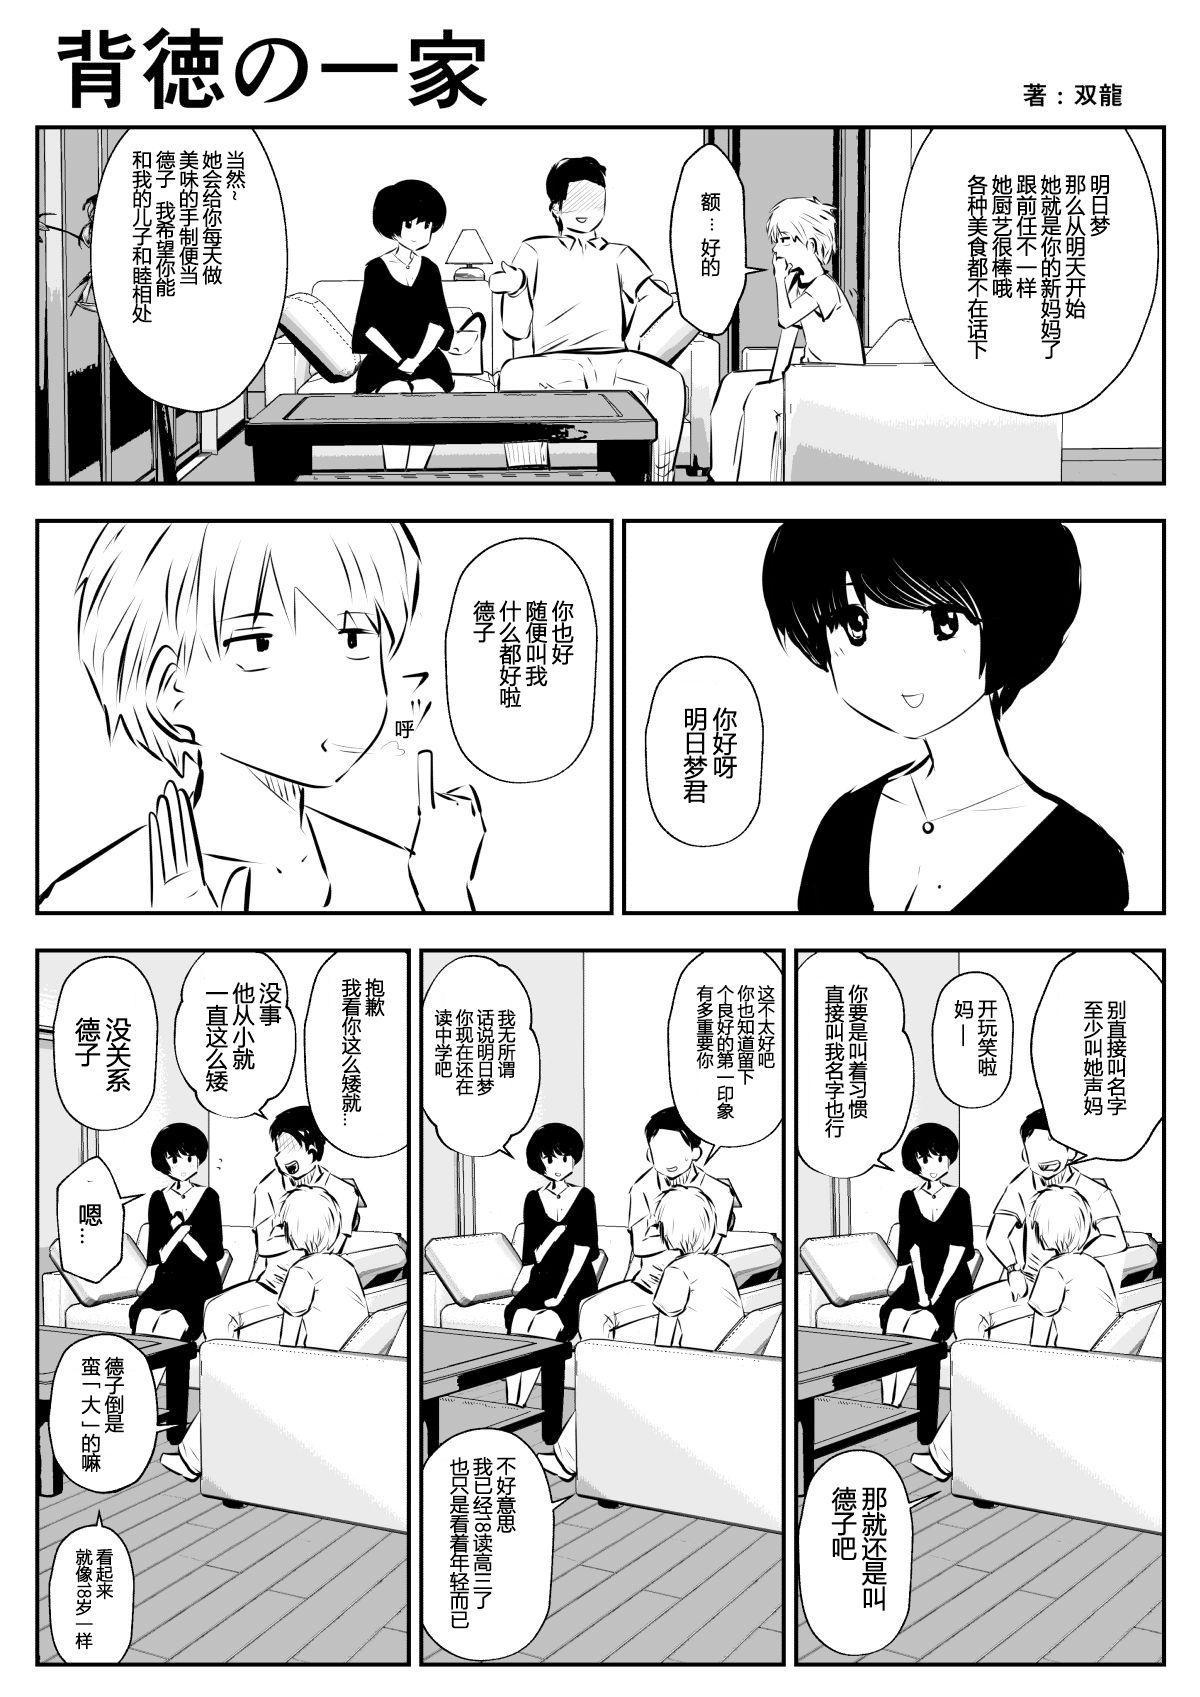 Haitoku no Ikka背德的一家 1-14 1